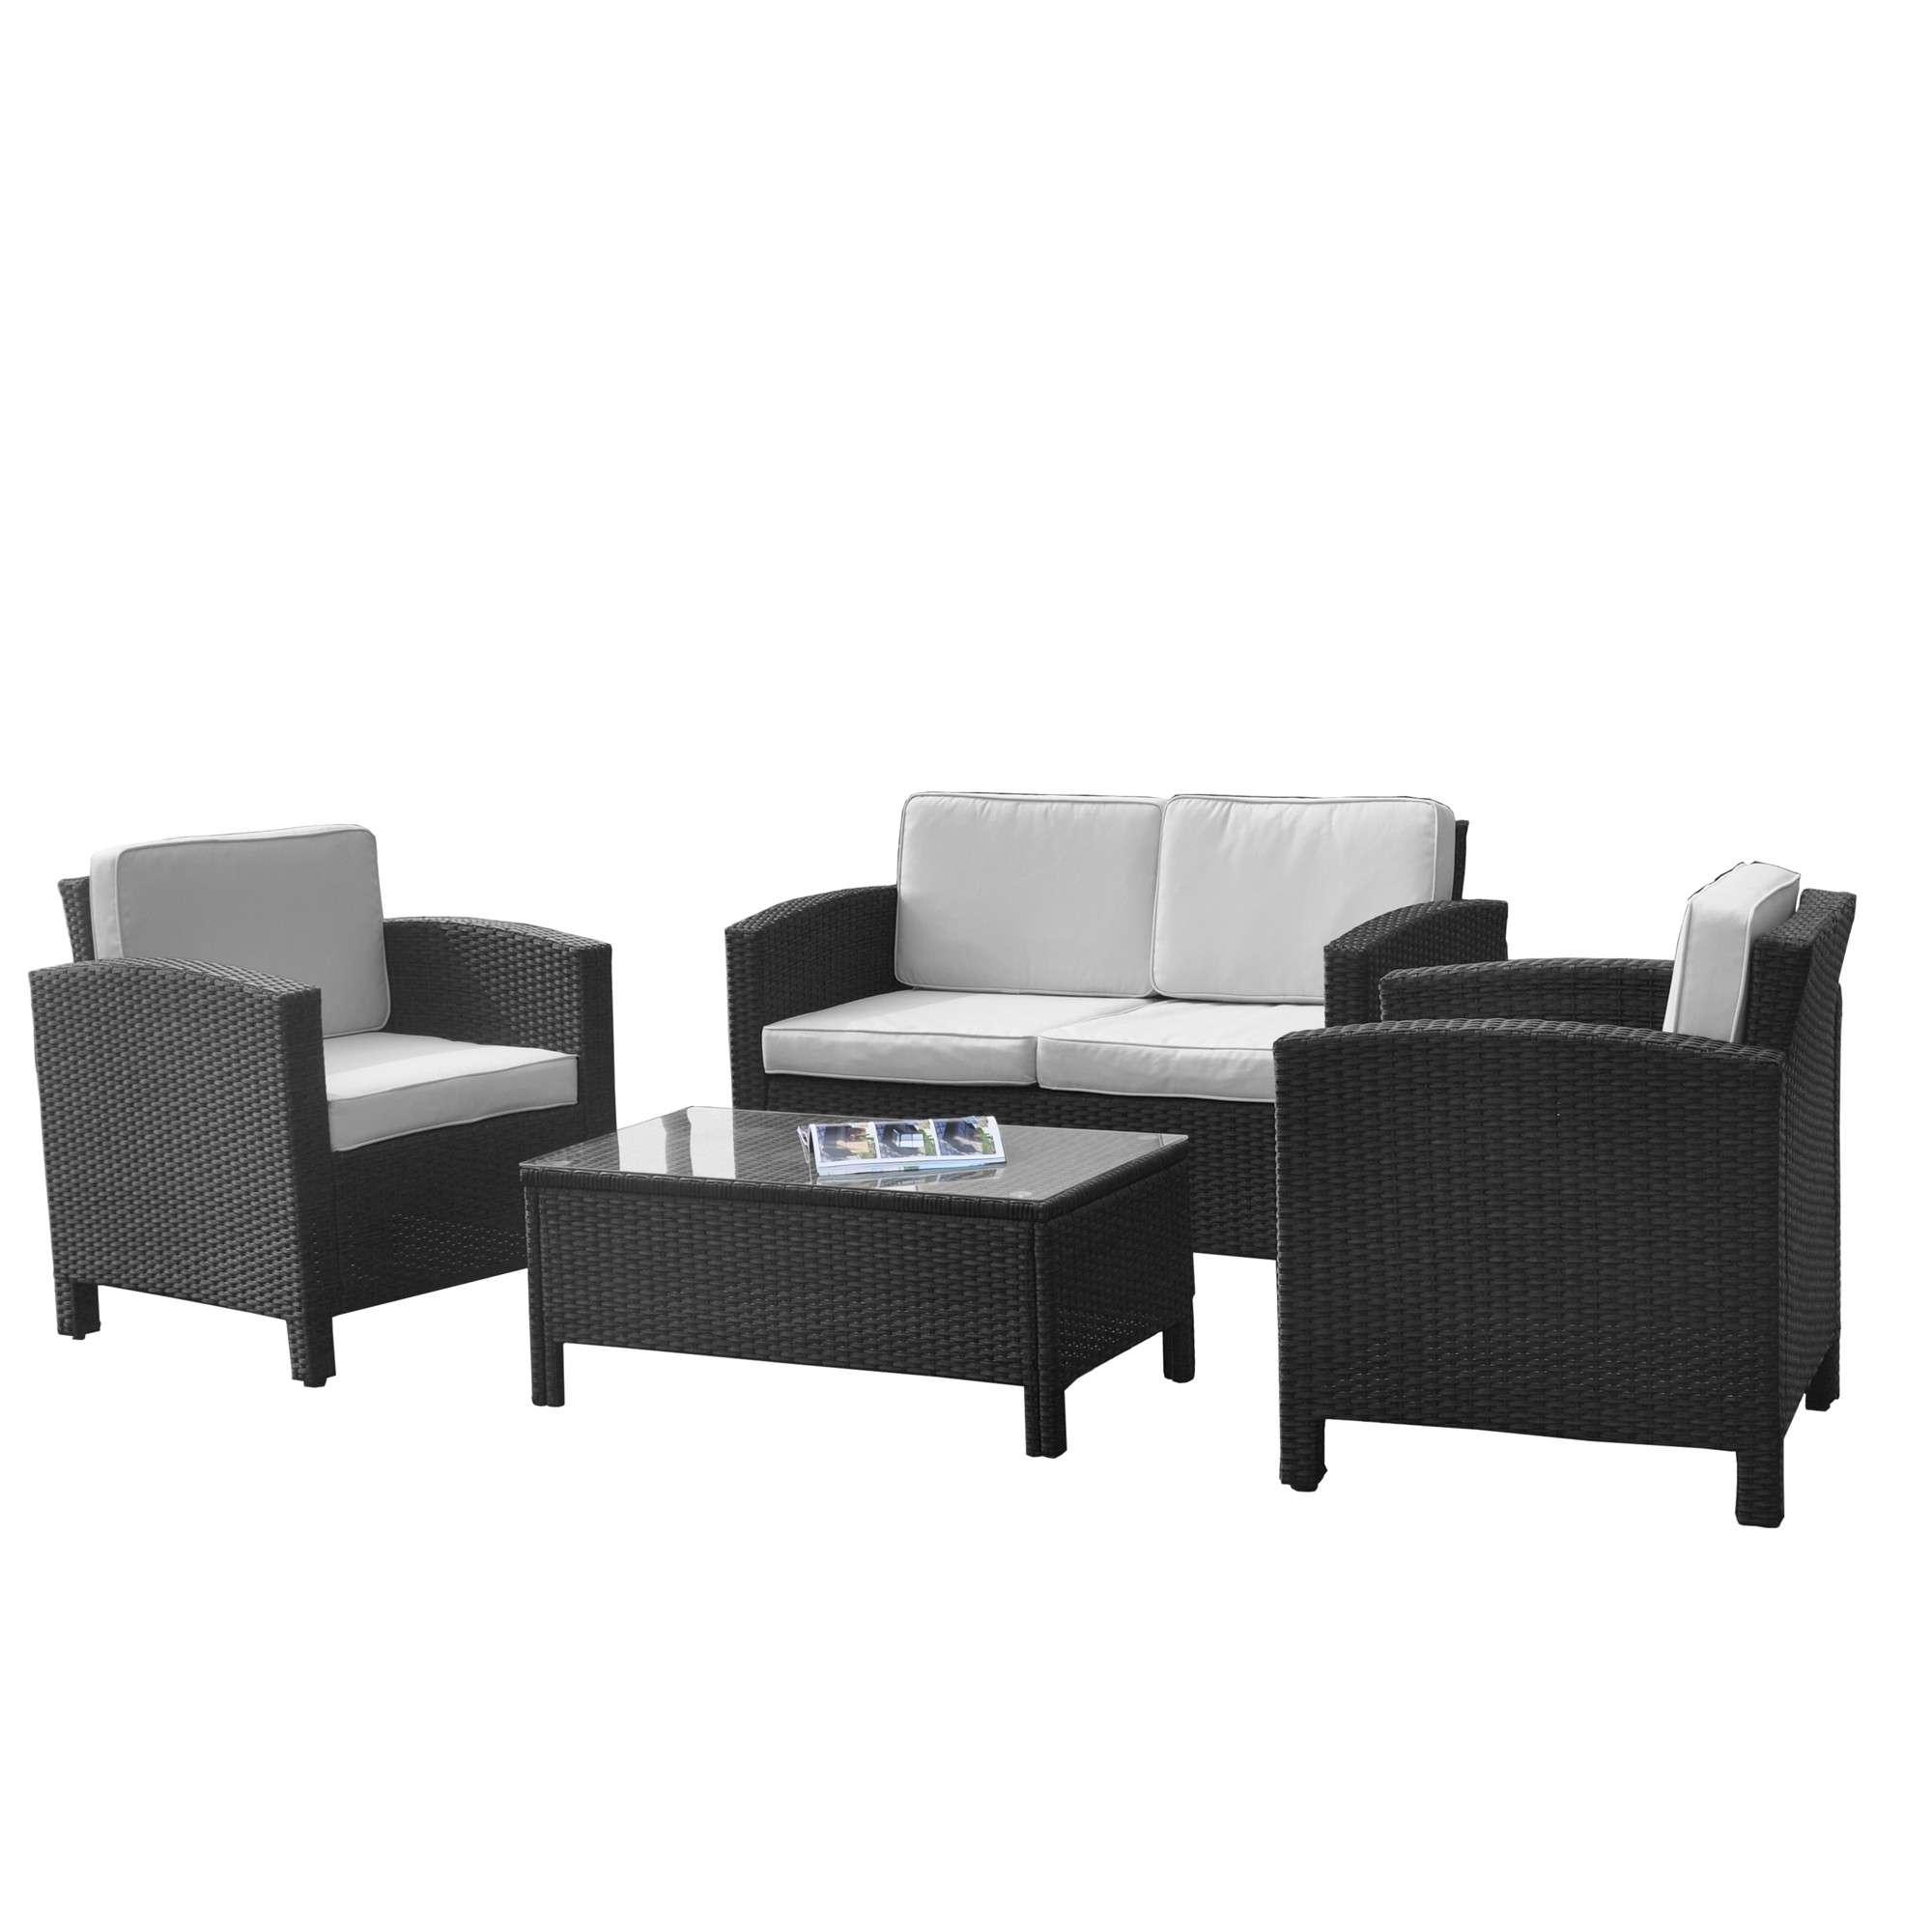 Lounge Set Balkon ▻ günstig ◅ Balkon Lounge Set kaufen